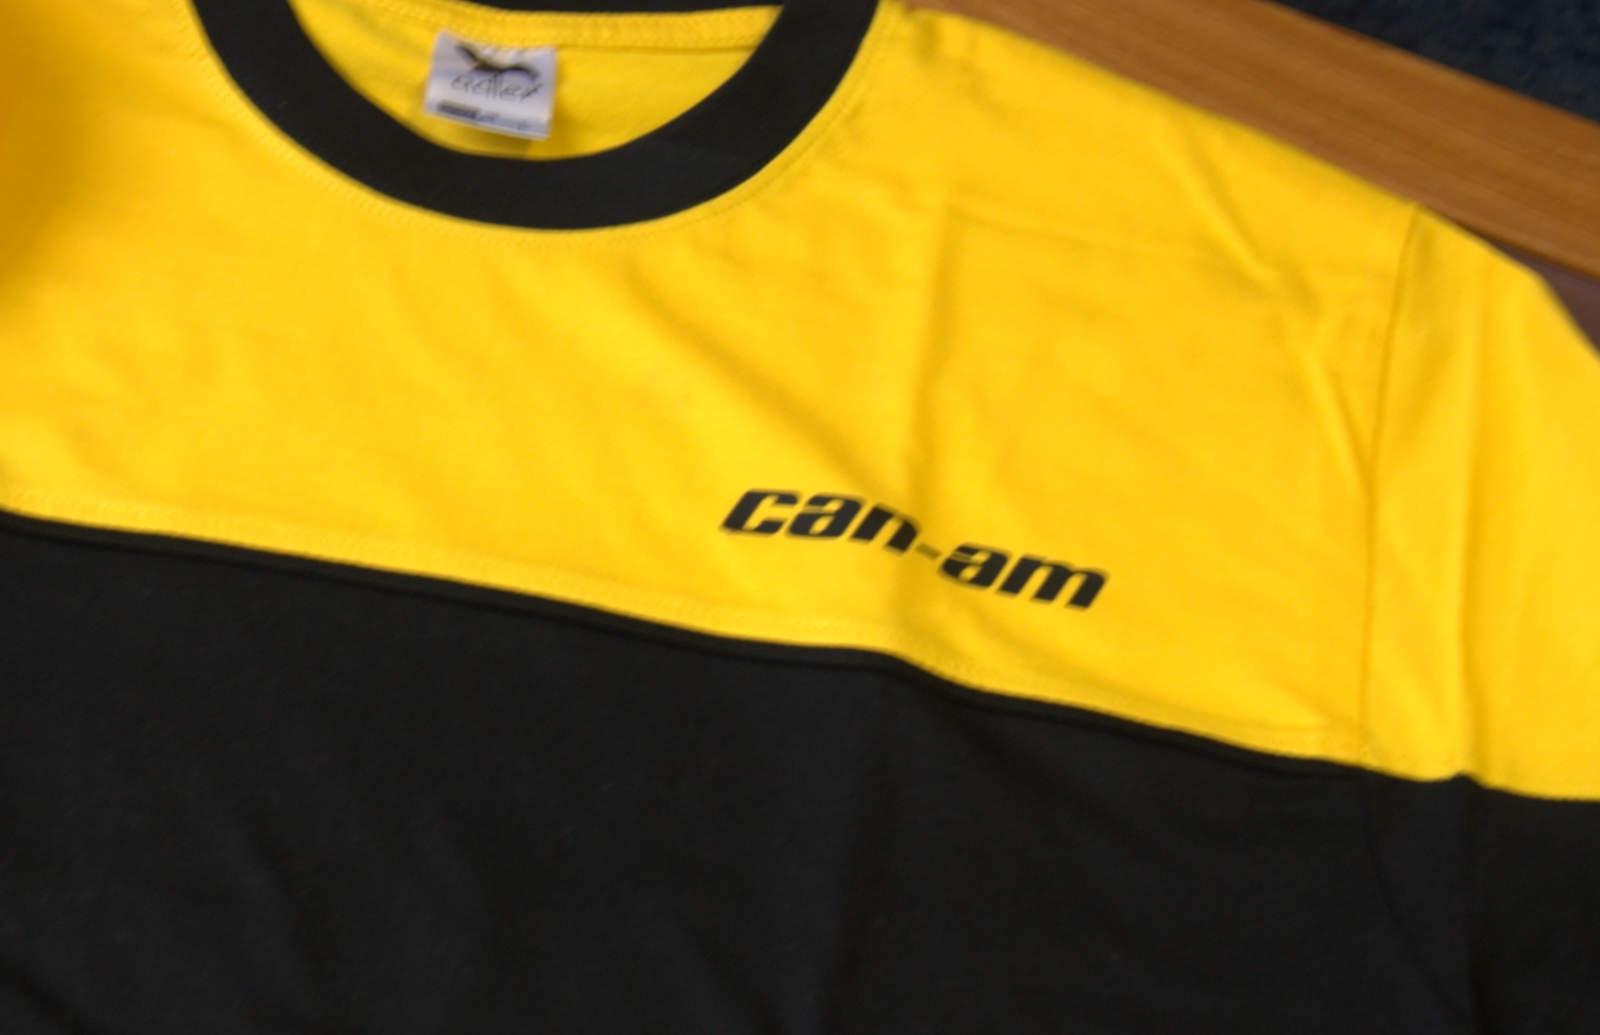 b536cc7b8e6b Dvojfarebné zltočierne tričko s nápisom Can-Am slúži ako pracovné oblečenie